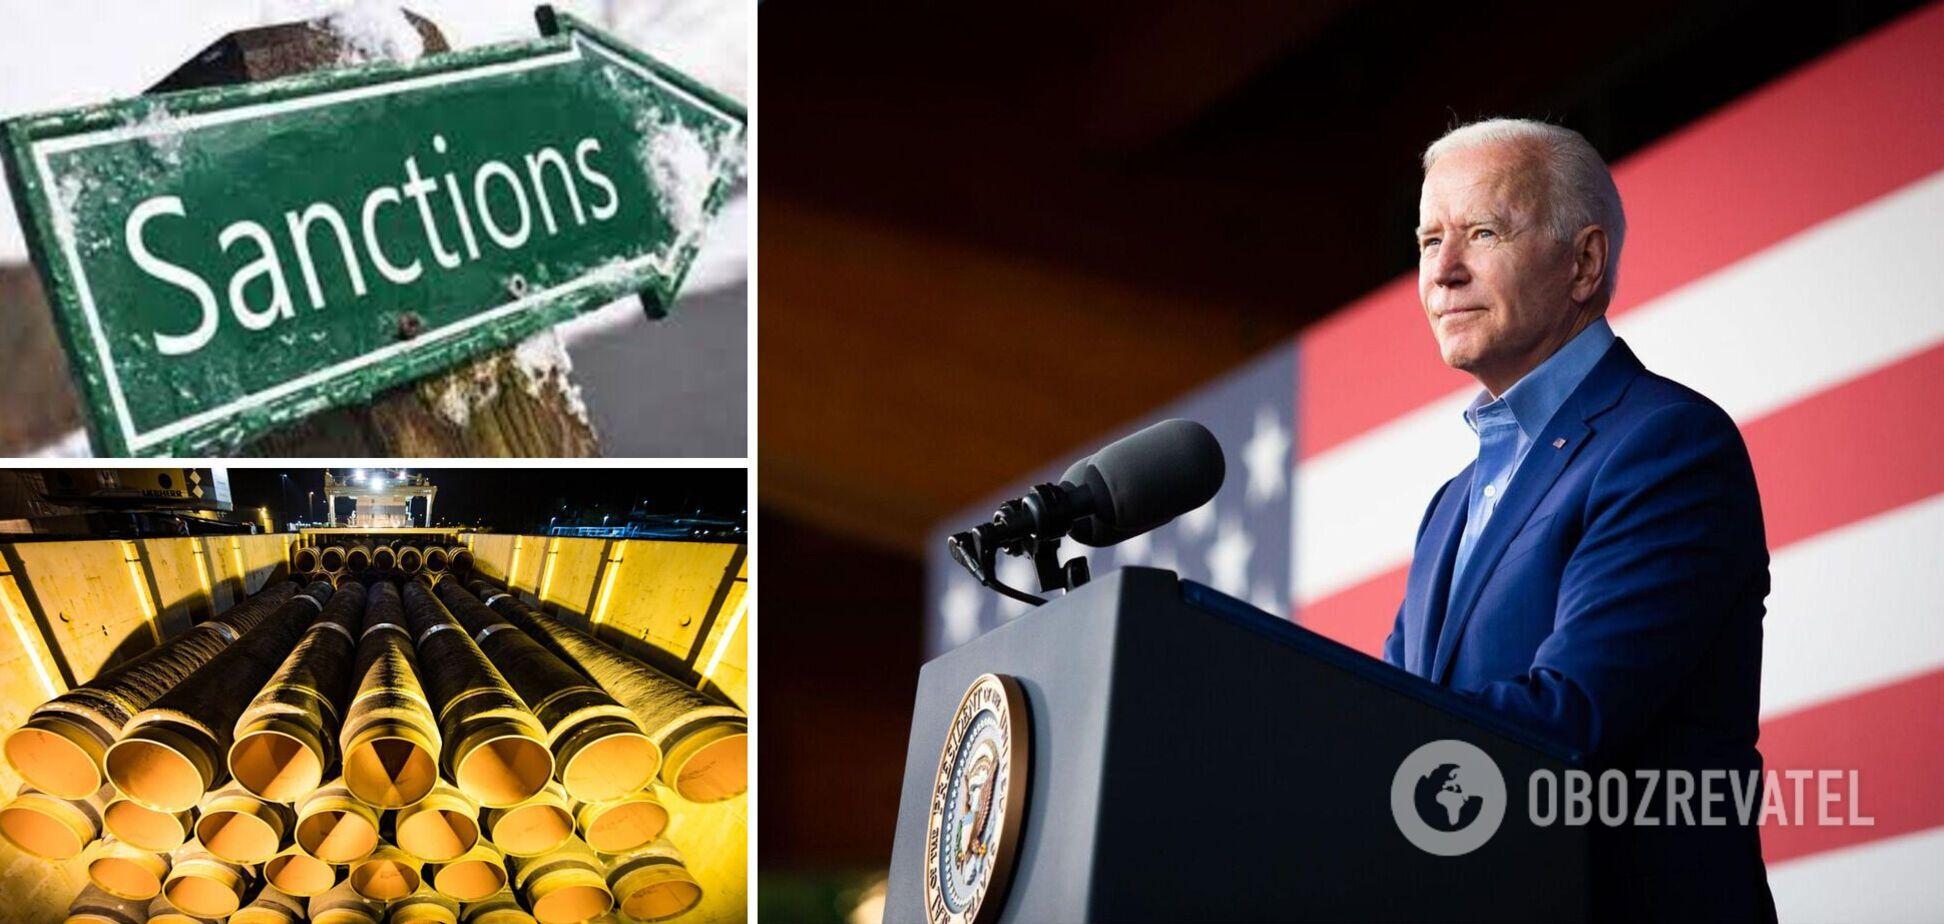 Байдена розкритикували в Конгресі за відмову від санкцій проти 'Північного потоку-2'